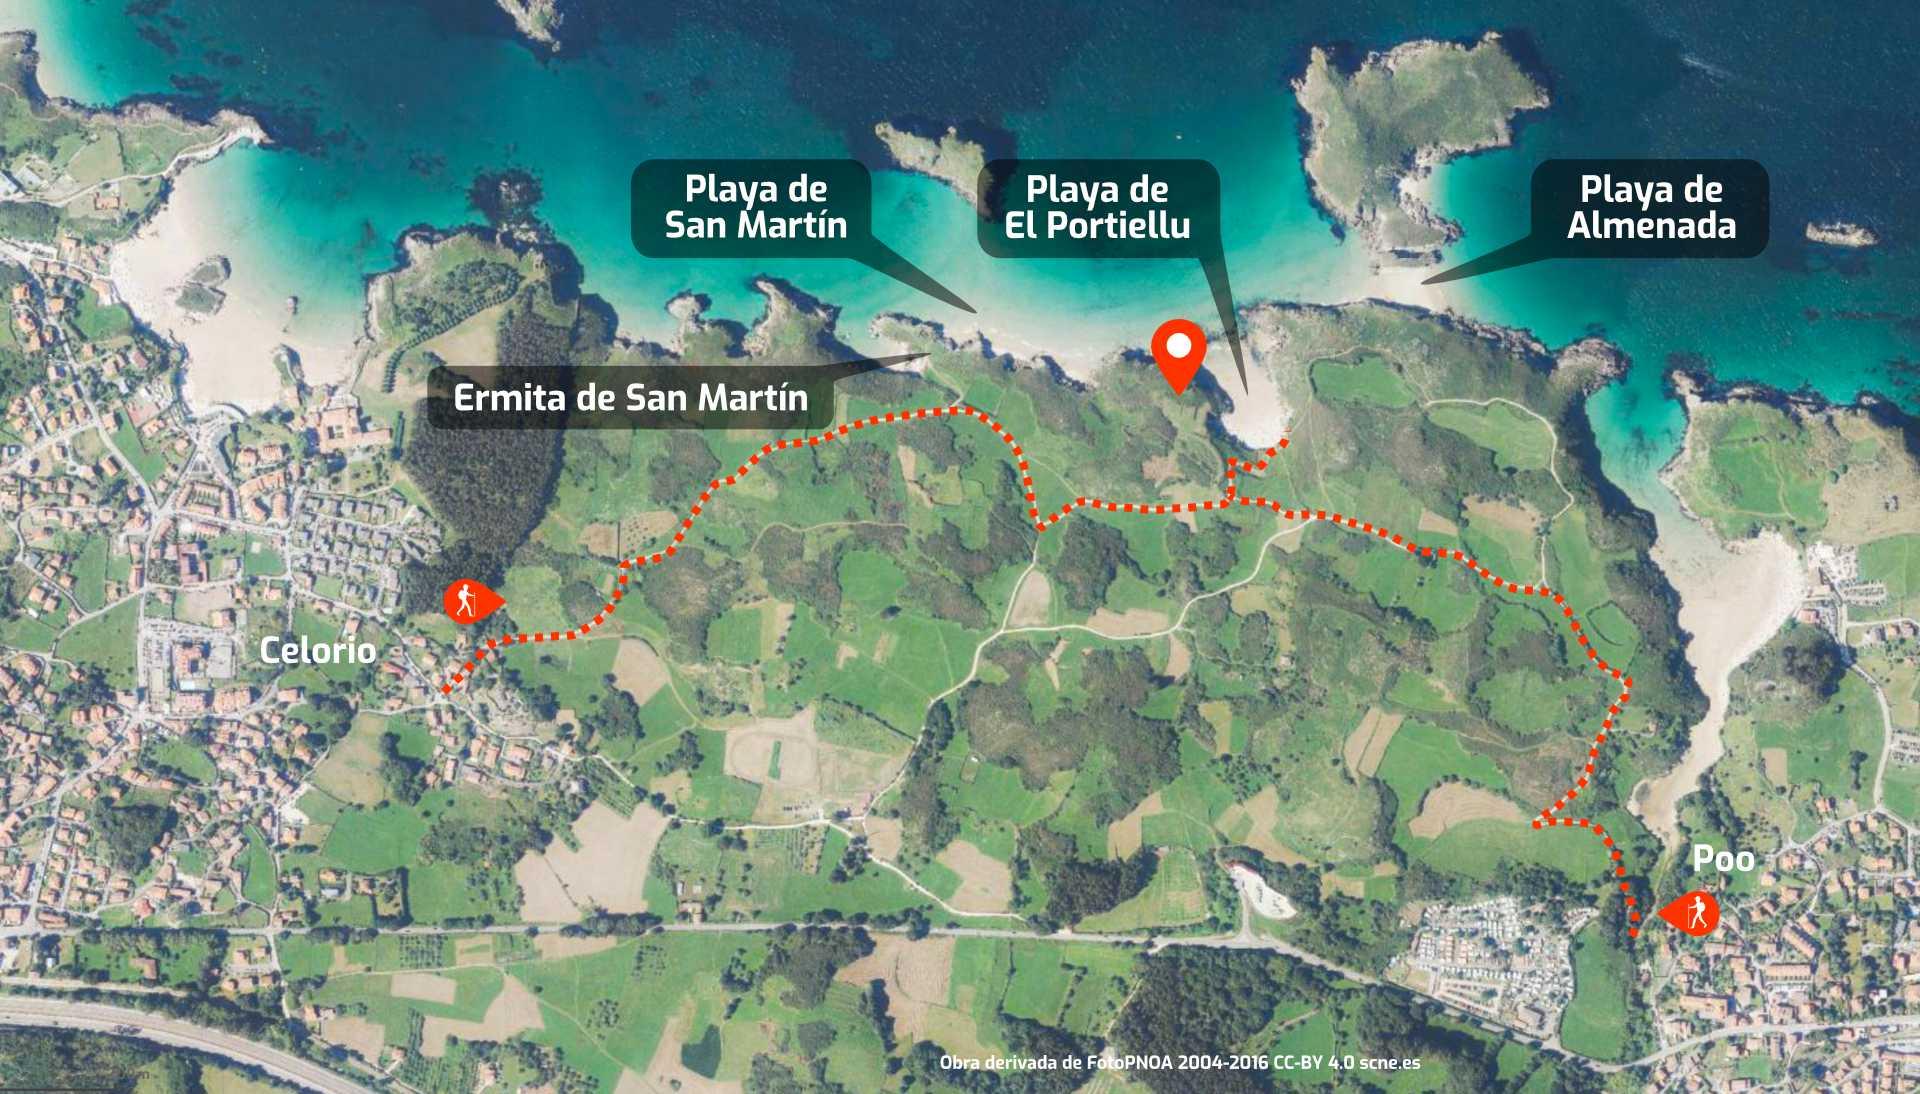 Mapa de cómo llegar a las playas de San Martín, El Portiellu y Almenada en Llanes, Asturias